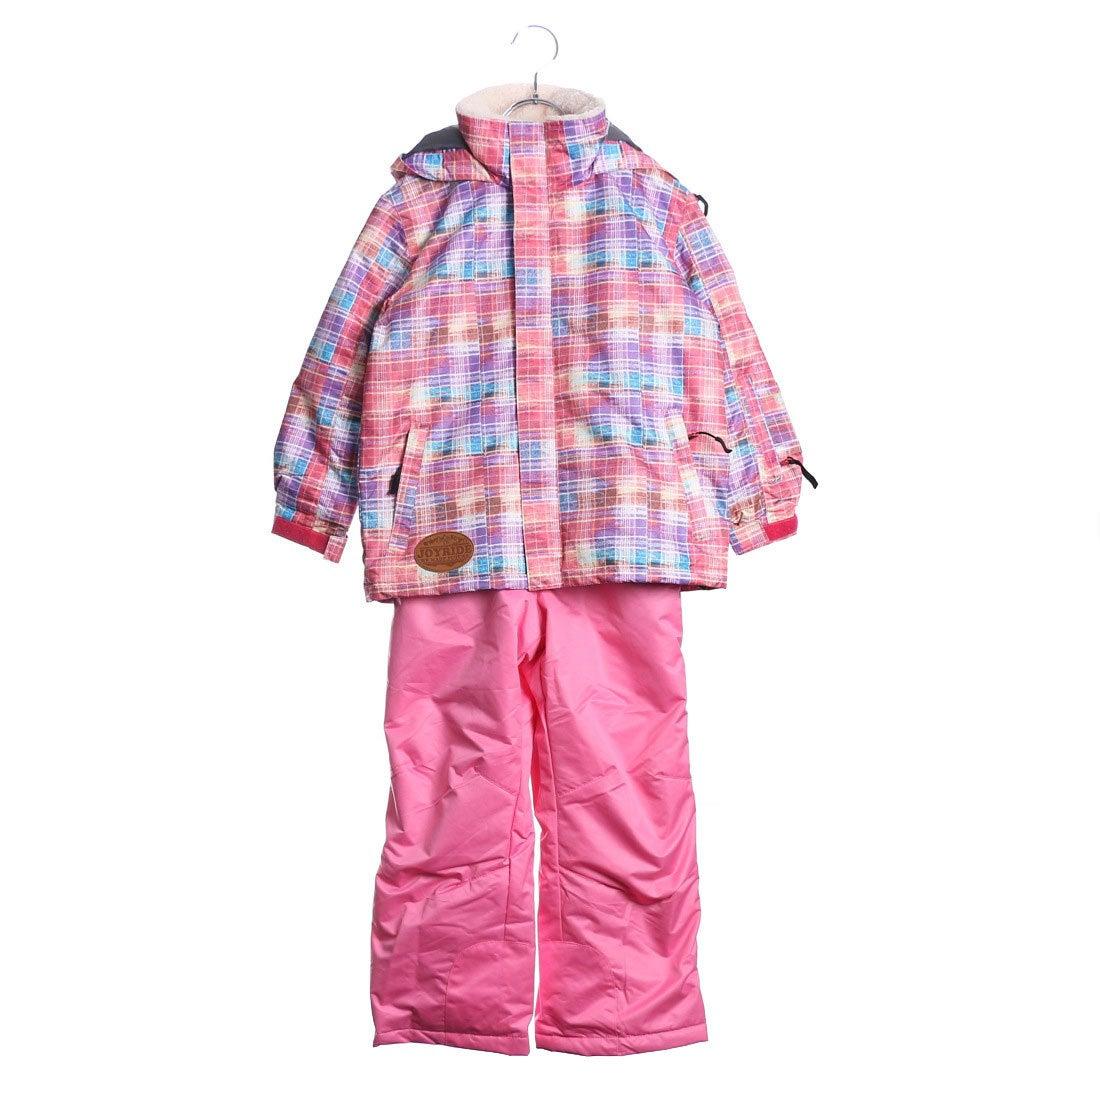 ロコンド 靴とファッションの通販サイトジョイライドJOYRIDEジュニアスキーウェア上下セットトドラースキーウェアJOT-5340